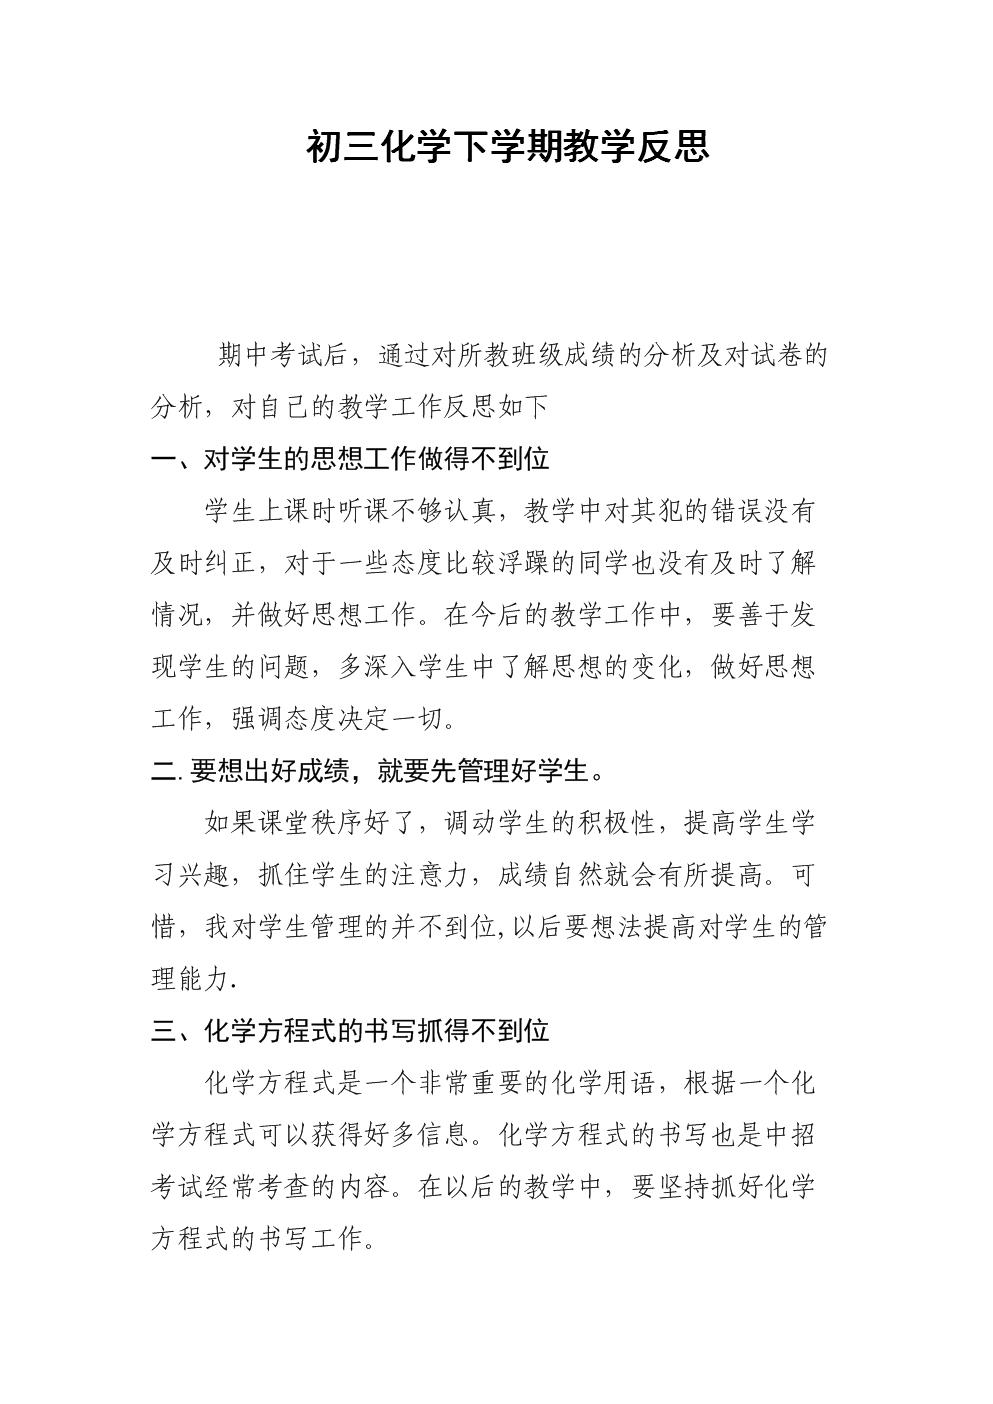 初三初中下学期教学毕业.doc化学院反思财九江图片